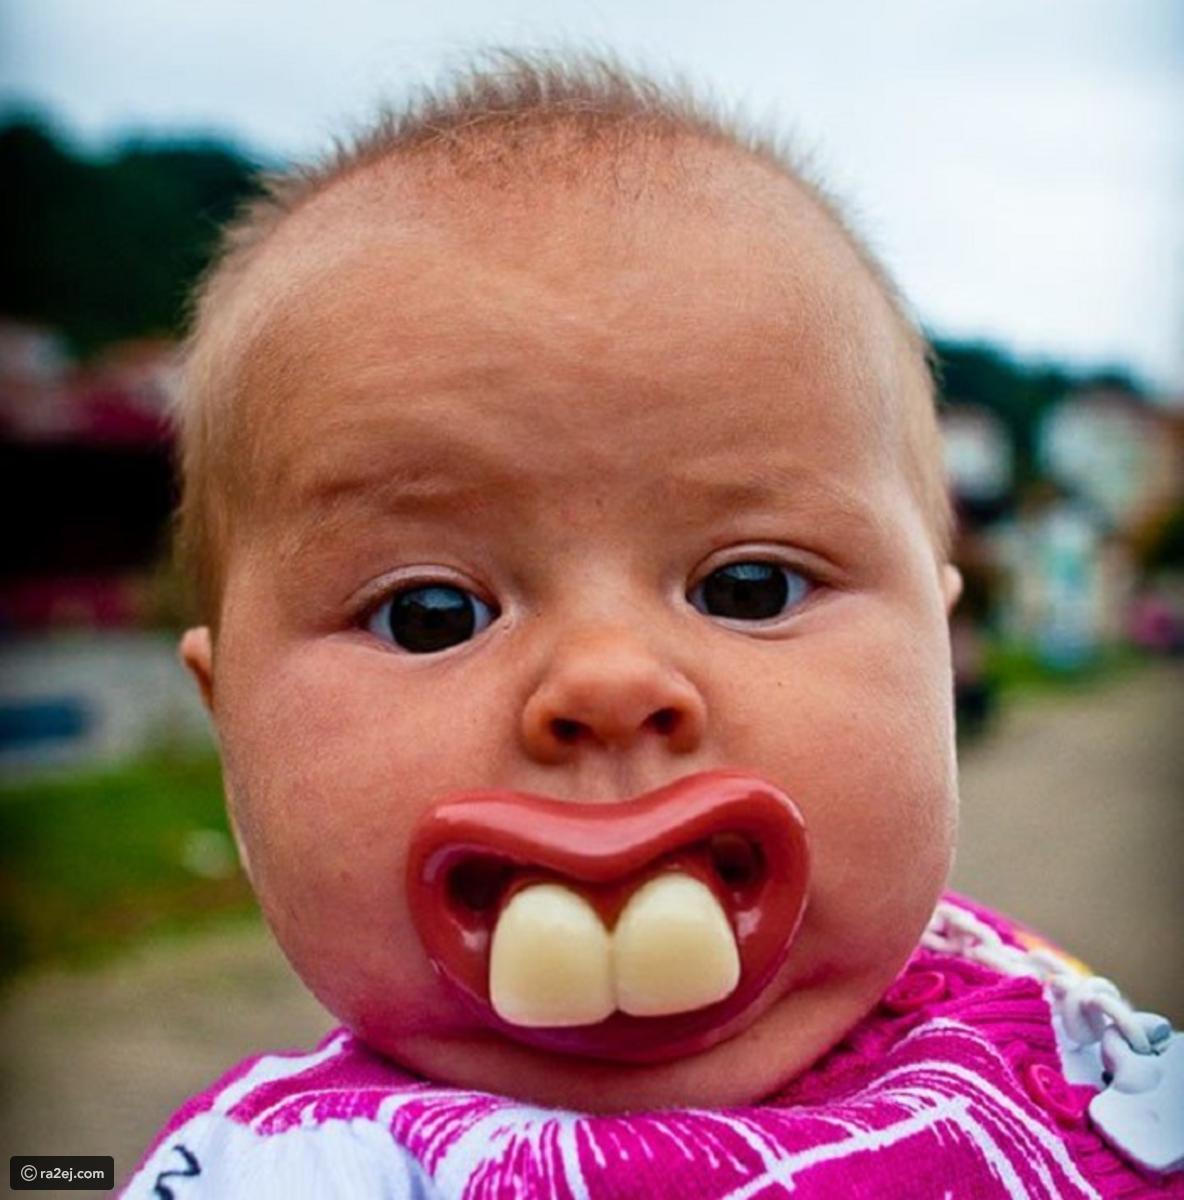 صورة صور اطفال مضحكين , اطفال مبهجة للغايبة